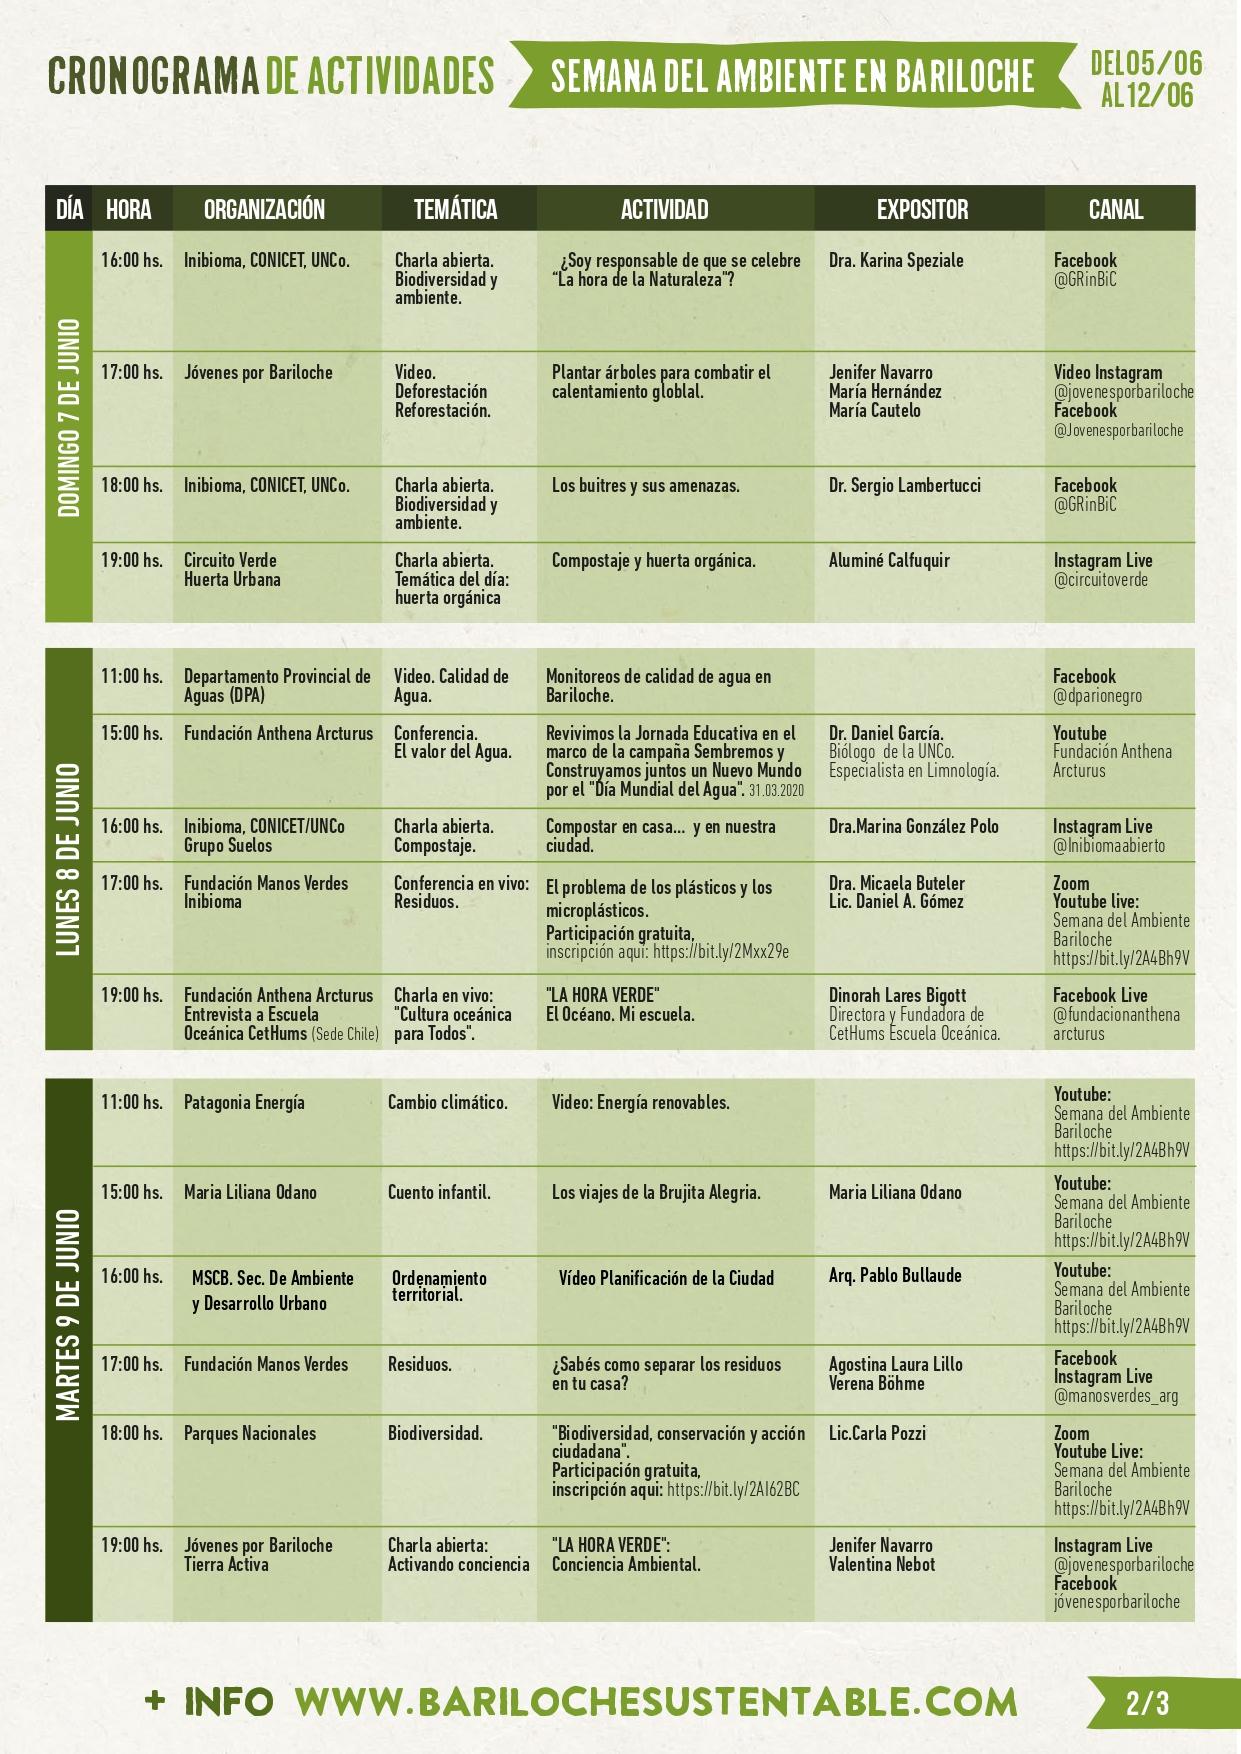 cronograma-semana-del-ambiente2